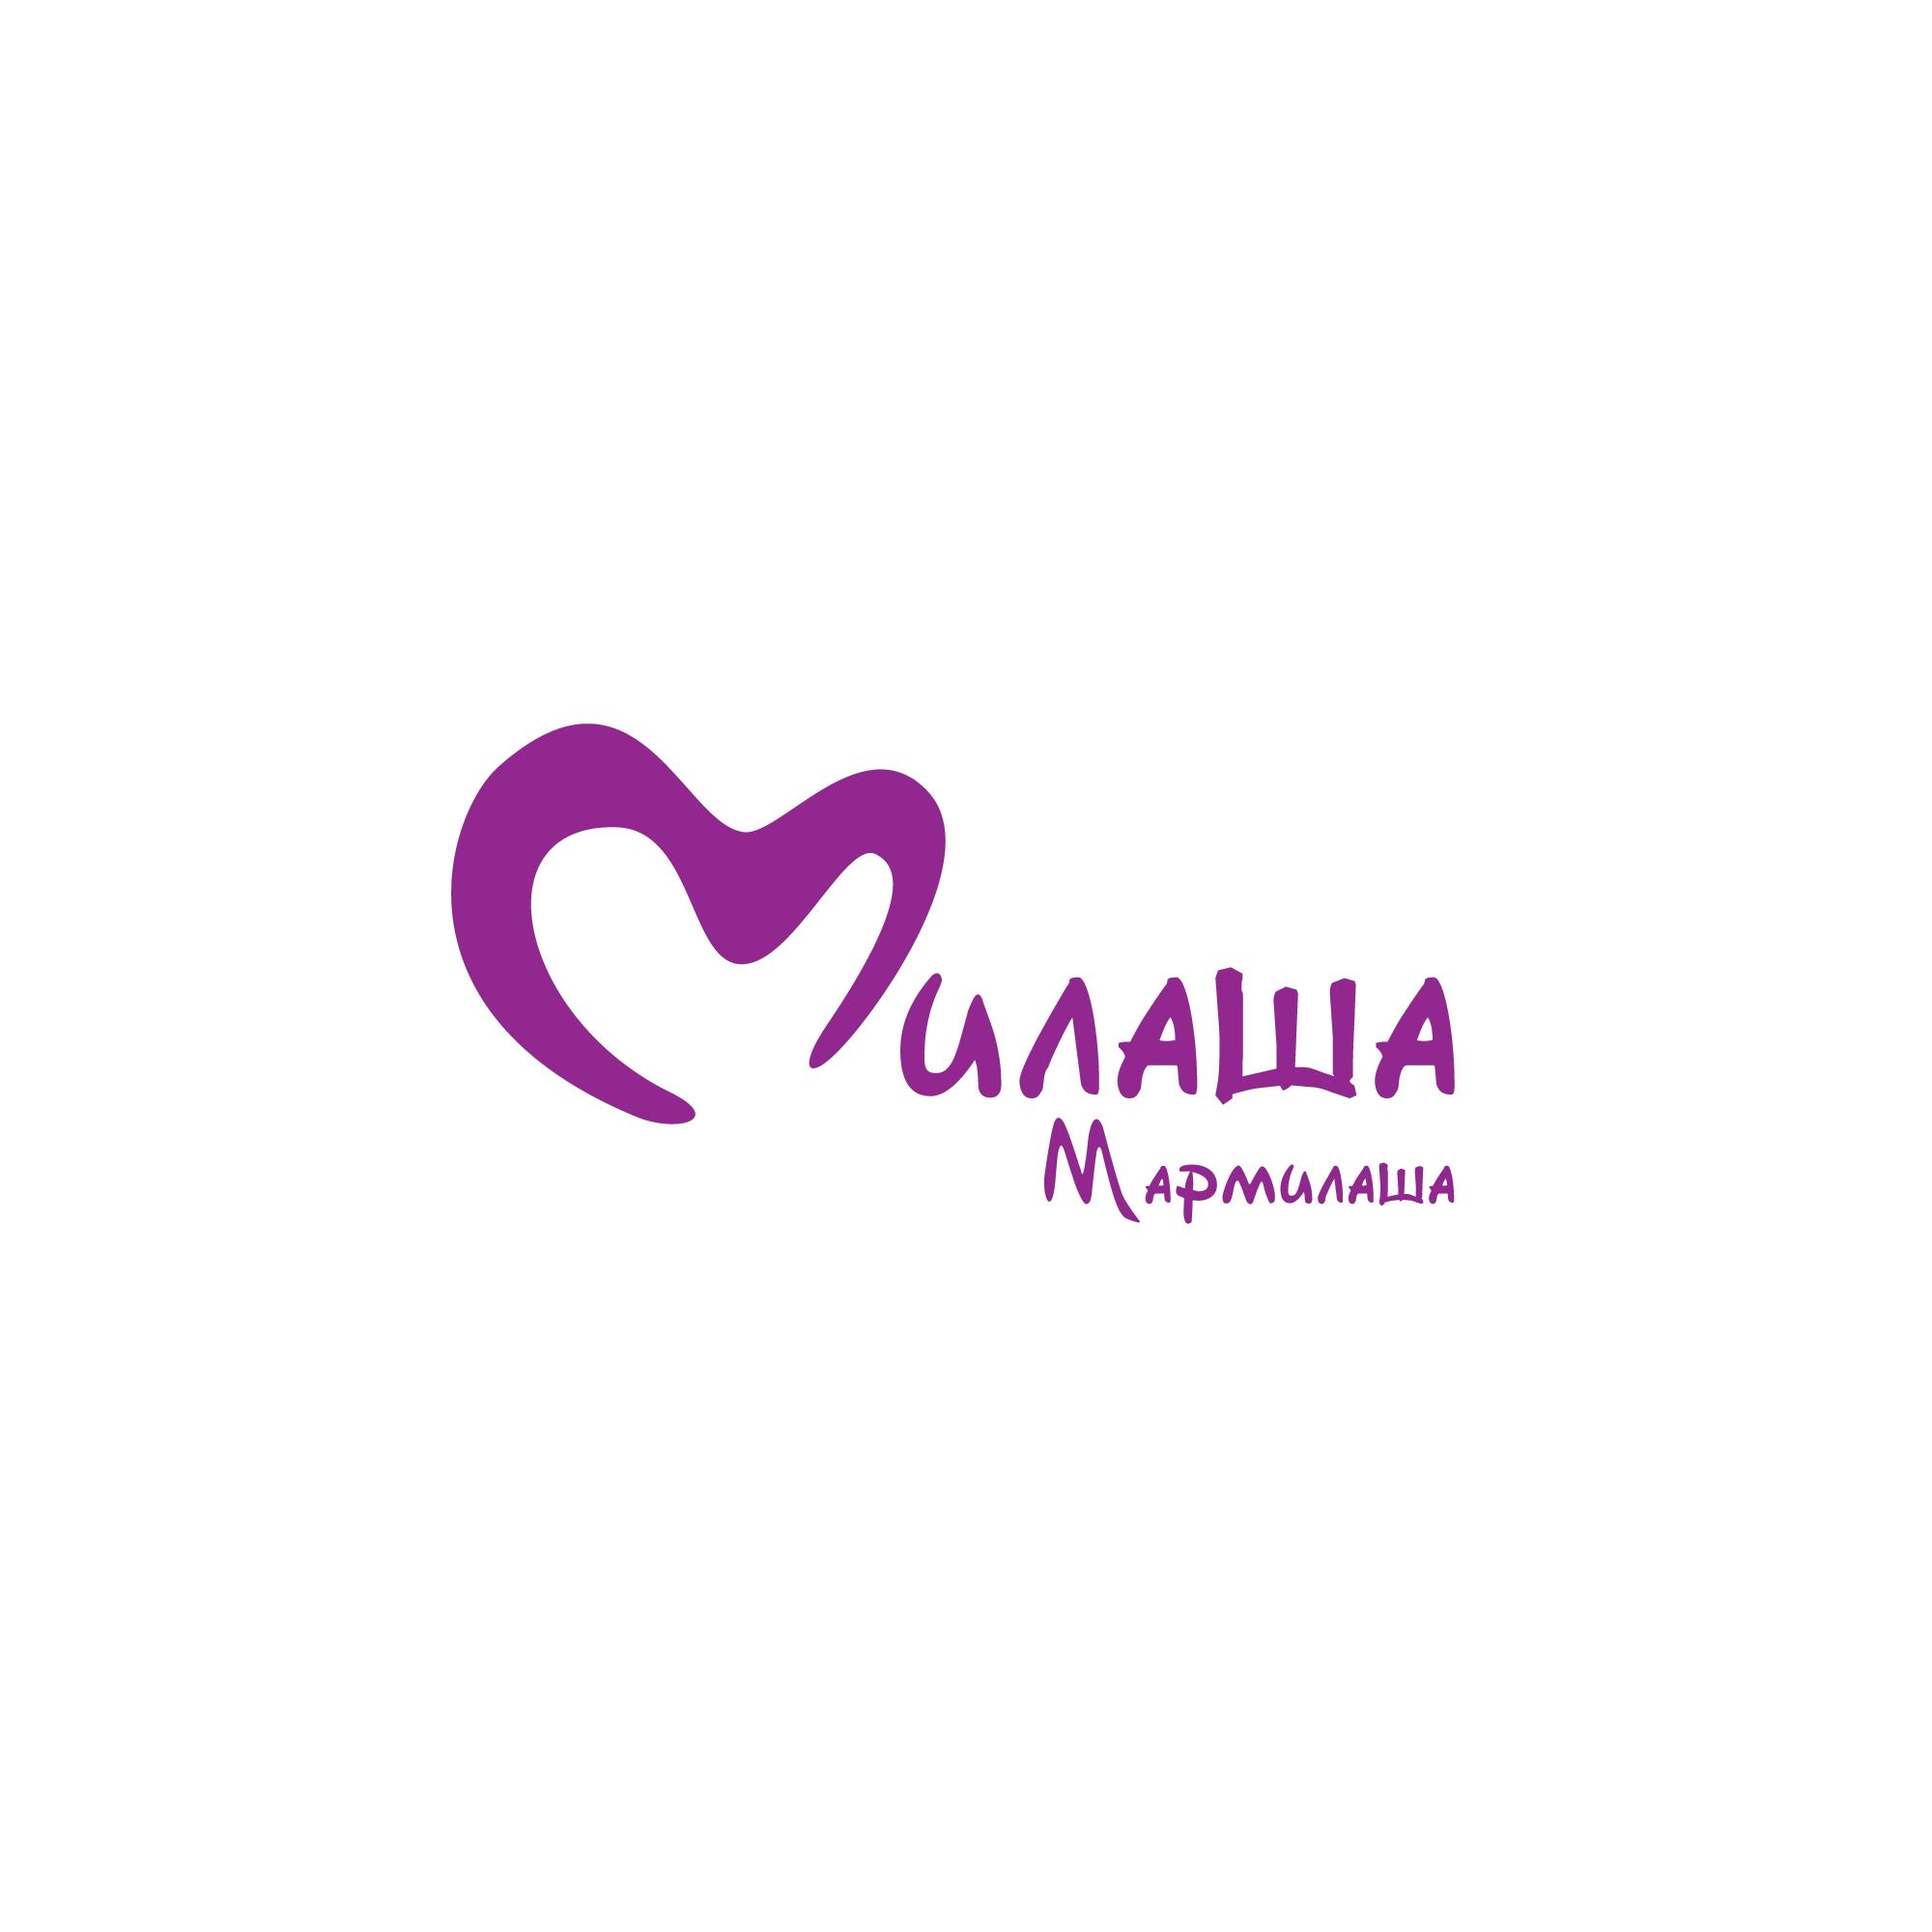 """Логотип для товарного знака """"Милаша-Мармилаша"""" фото f_70258751debb1674.png"""